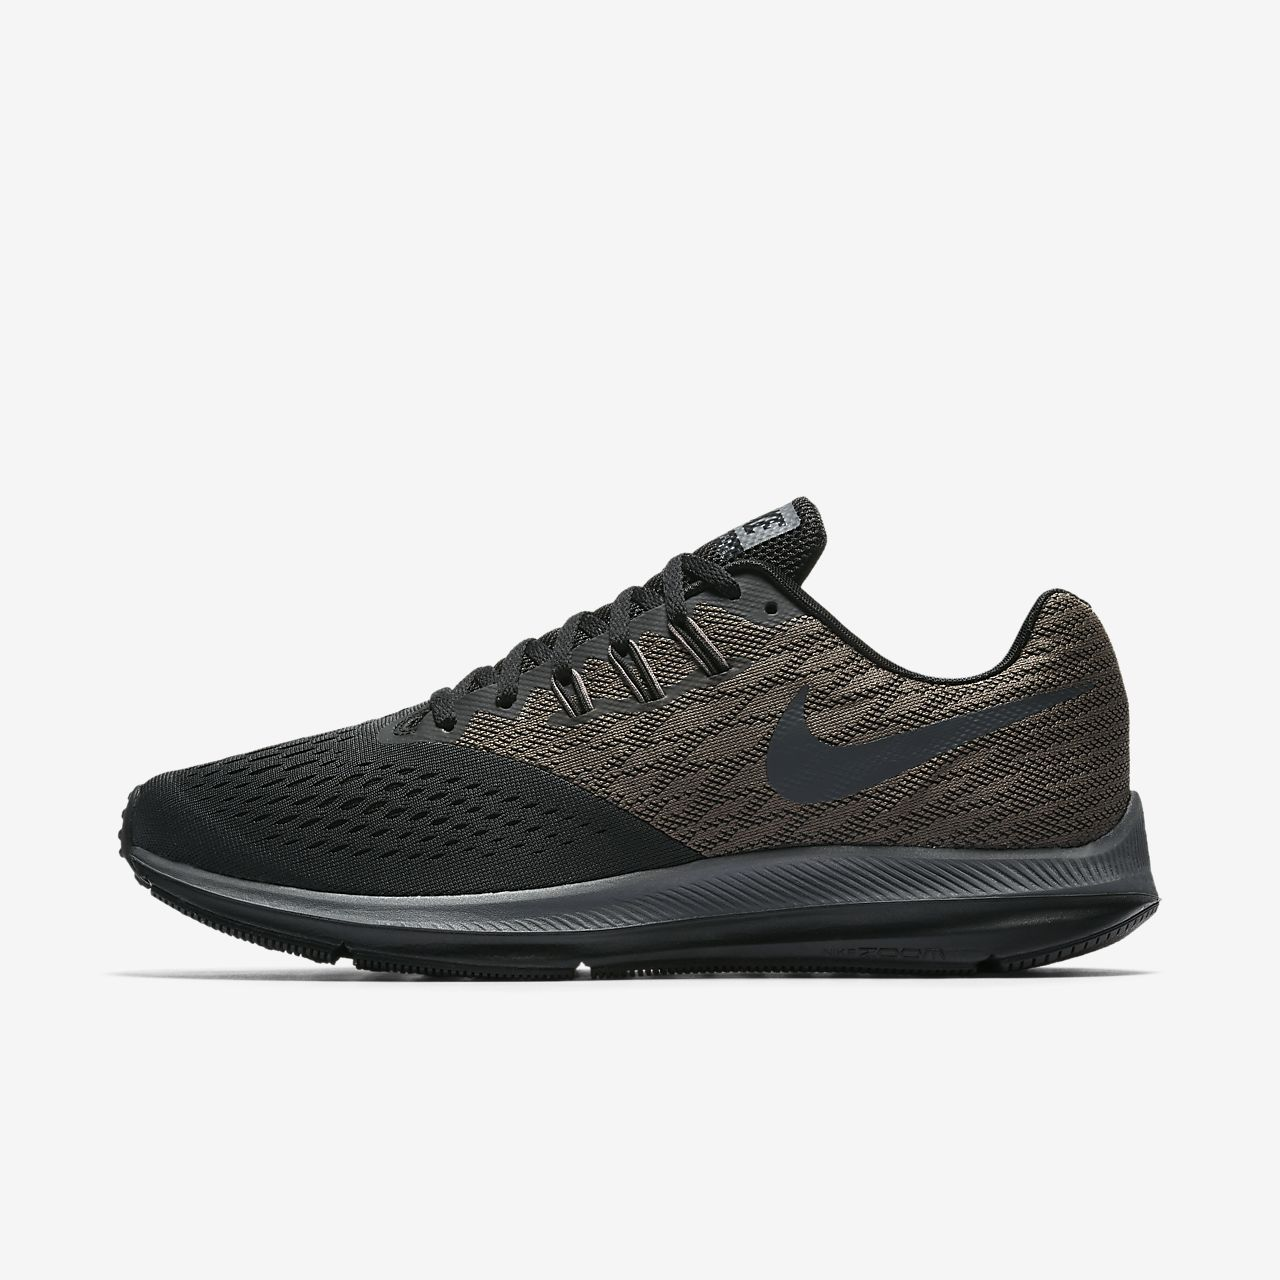 aa490a816a7 Nike Zoom Winflo 4 Men s Running Shoe. Nike.com RO